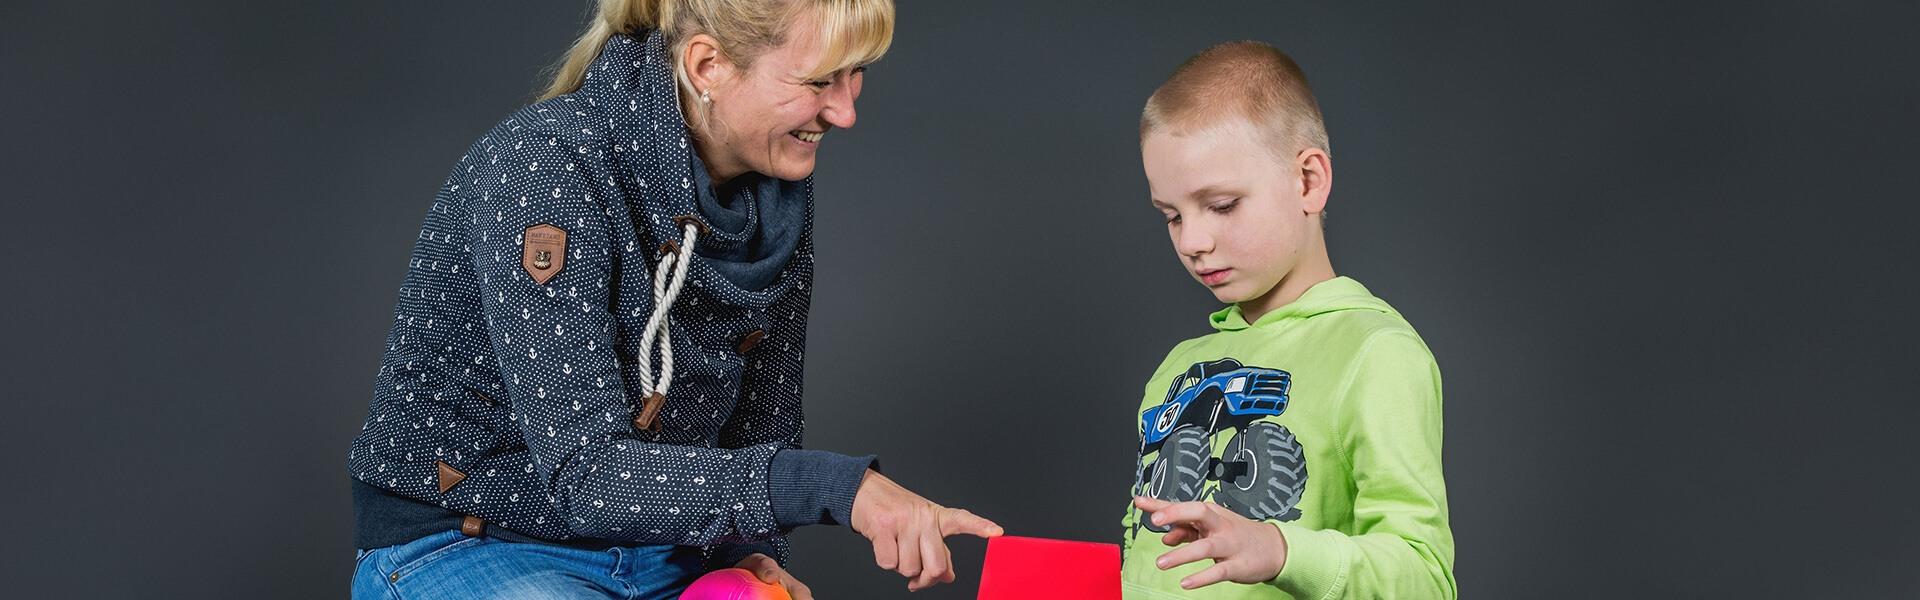 Schulbegleitung Hannover - Mit Herz und Verstand